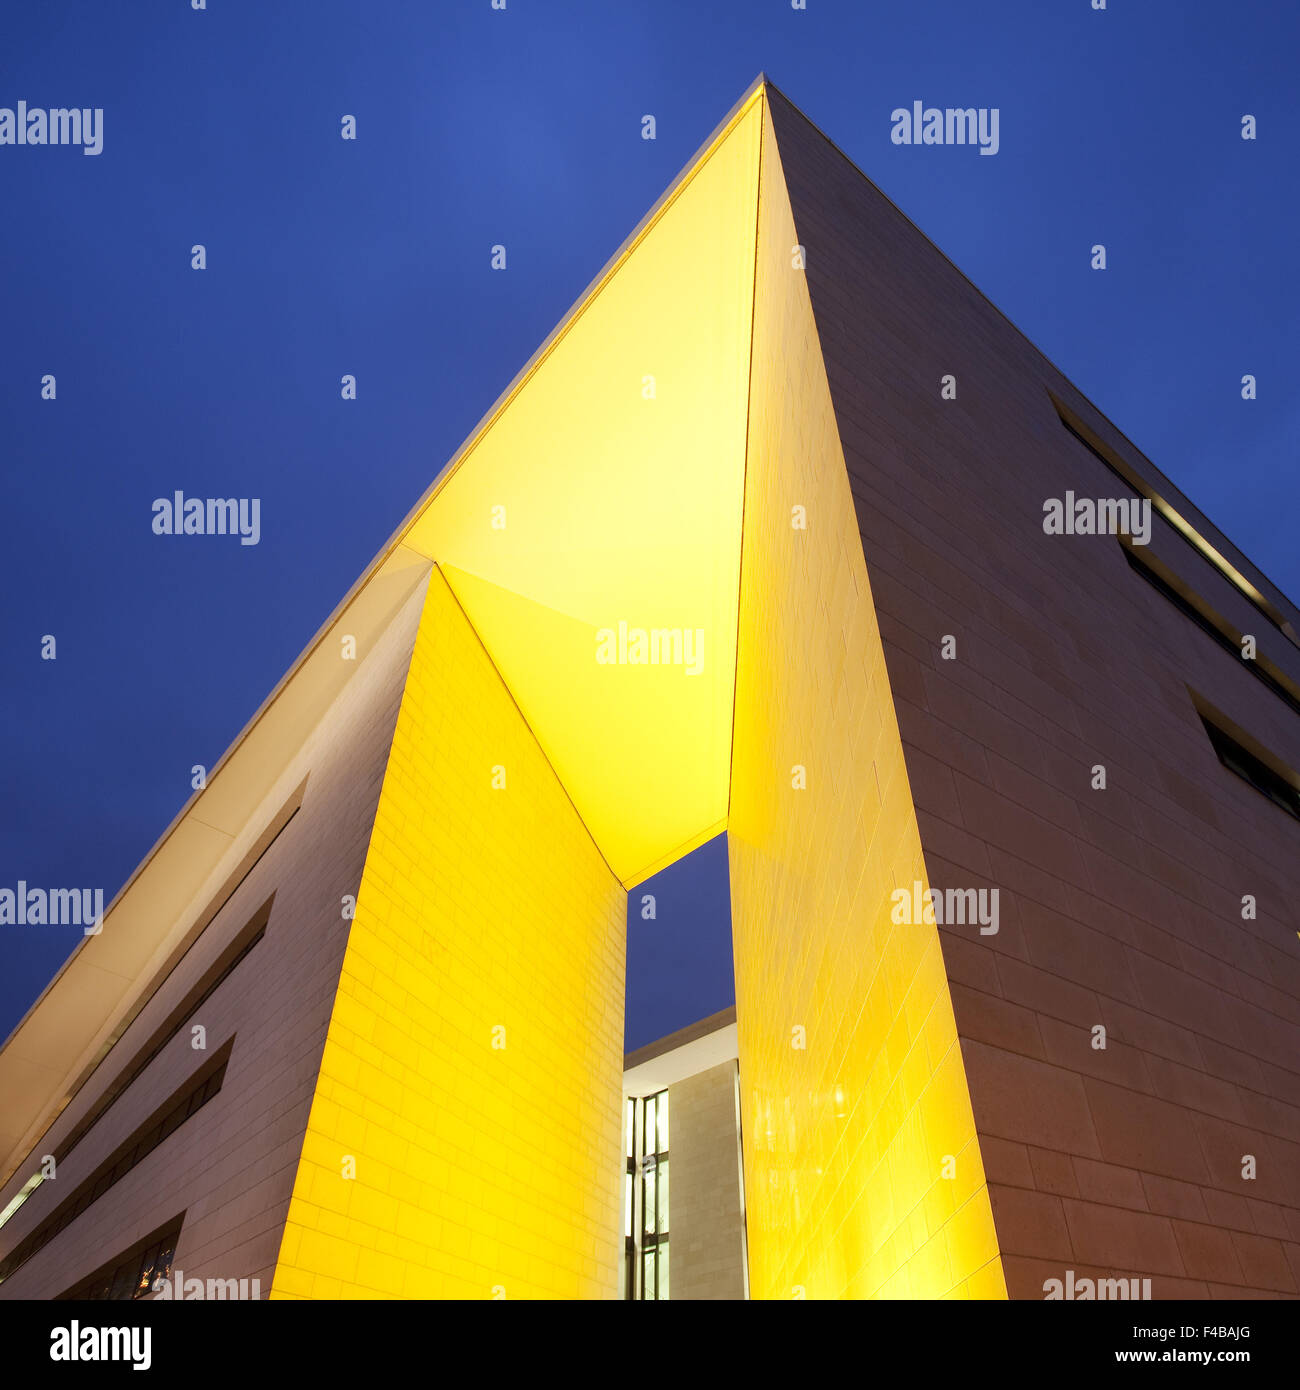 Stadtkrone Ost, Dortmund, Germany. - Stock Image